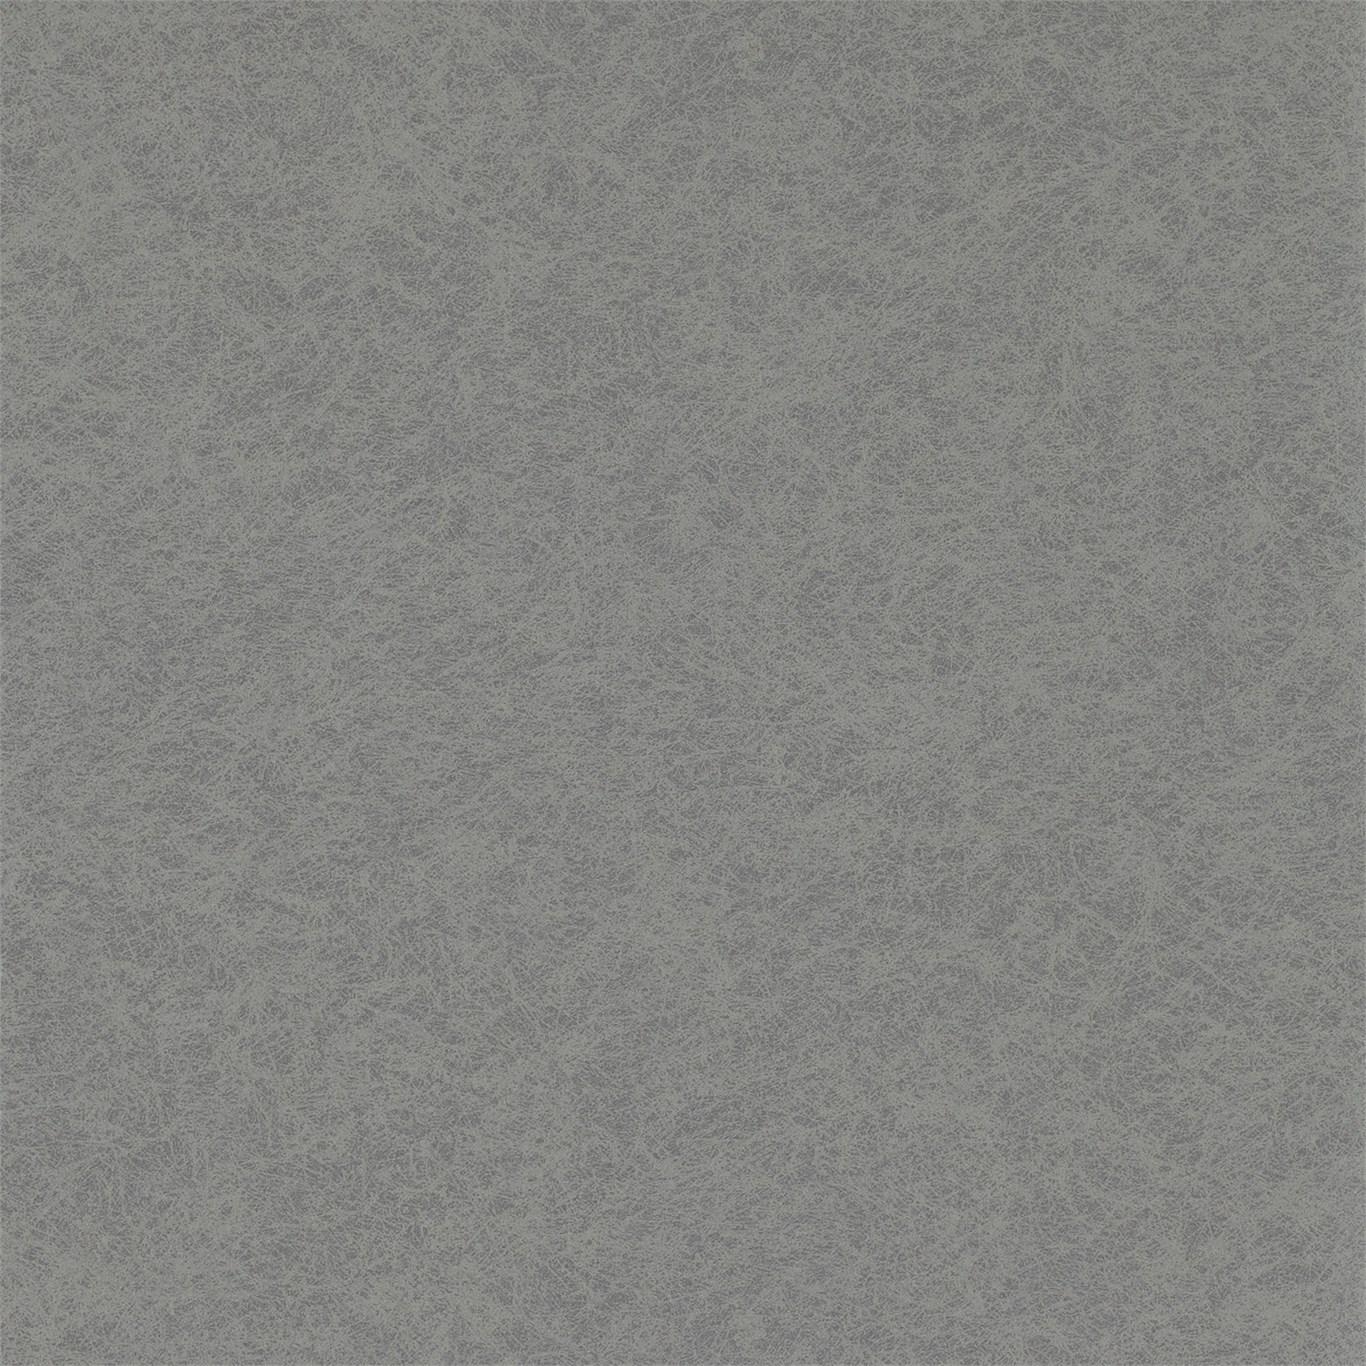 Английские обои Harlequin,  коллекция Anthology 01, артикулEREE110786